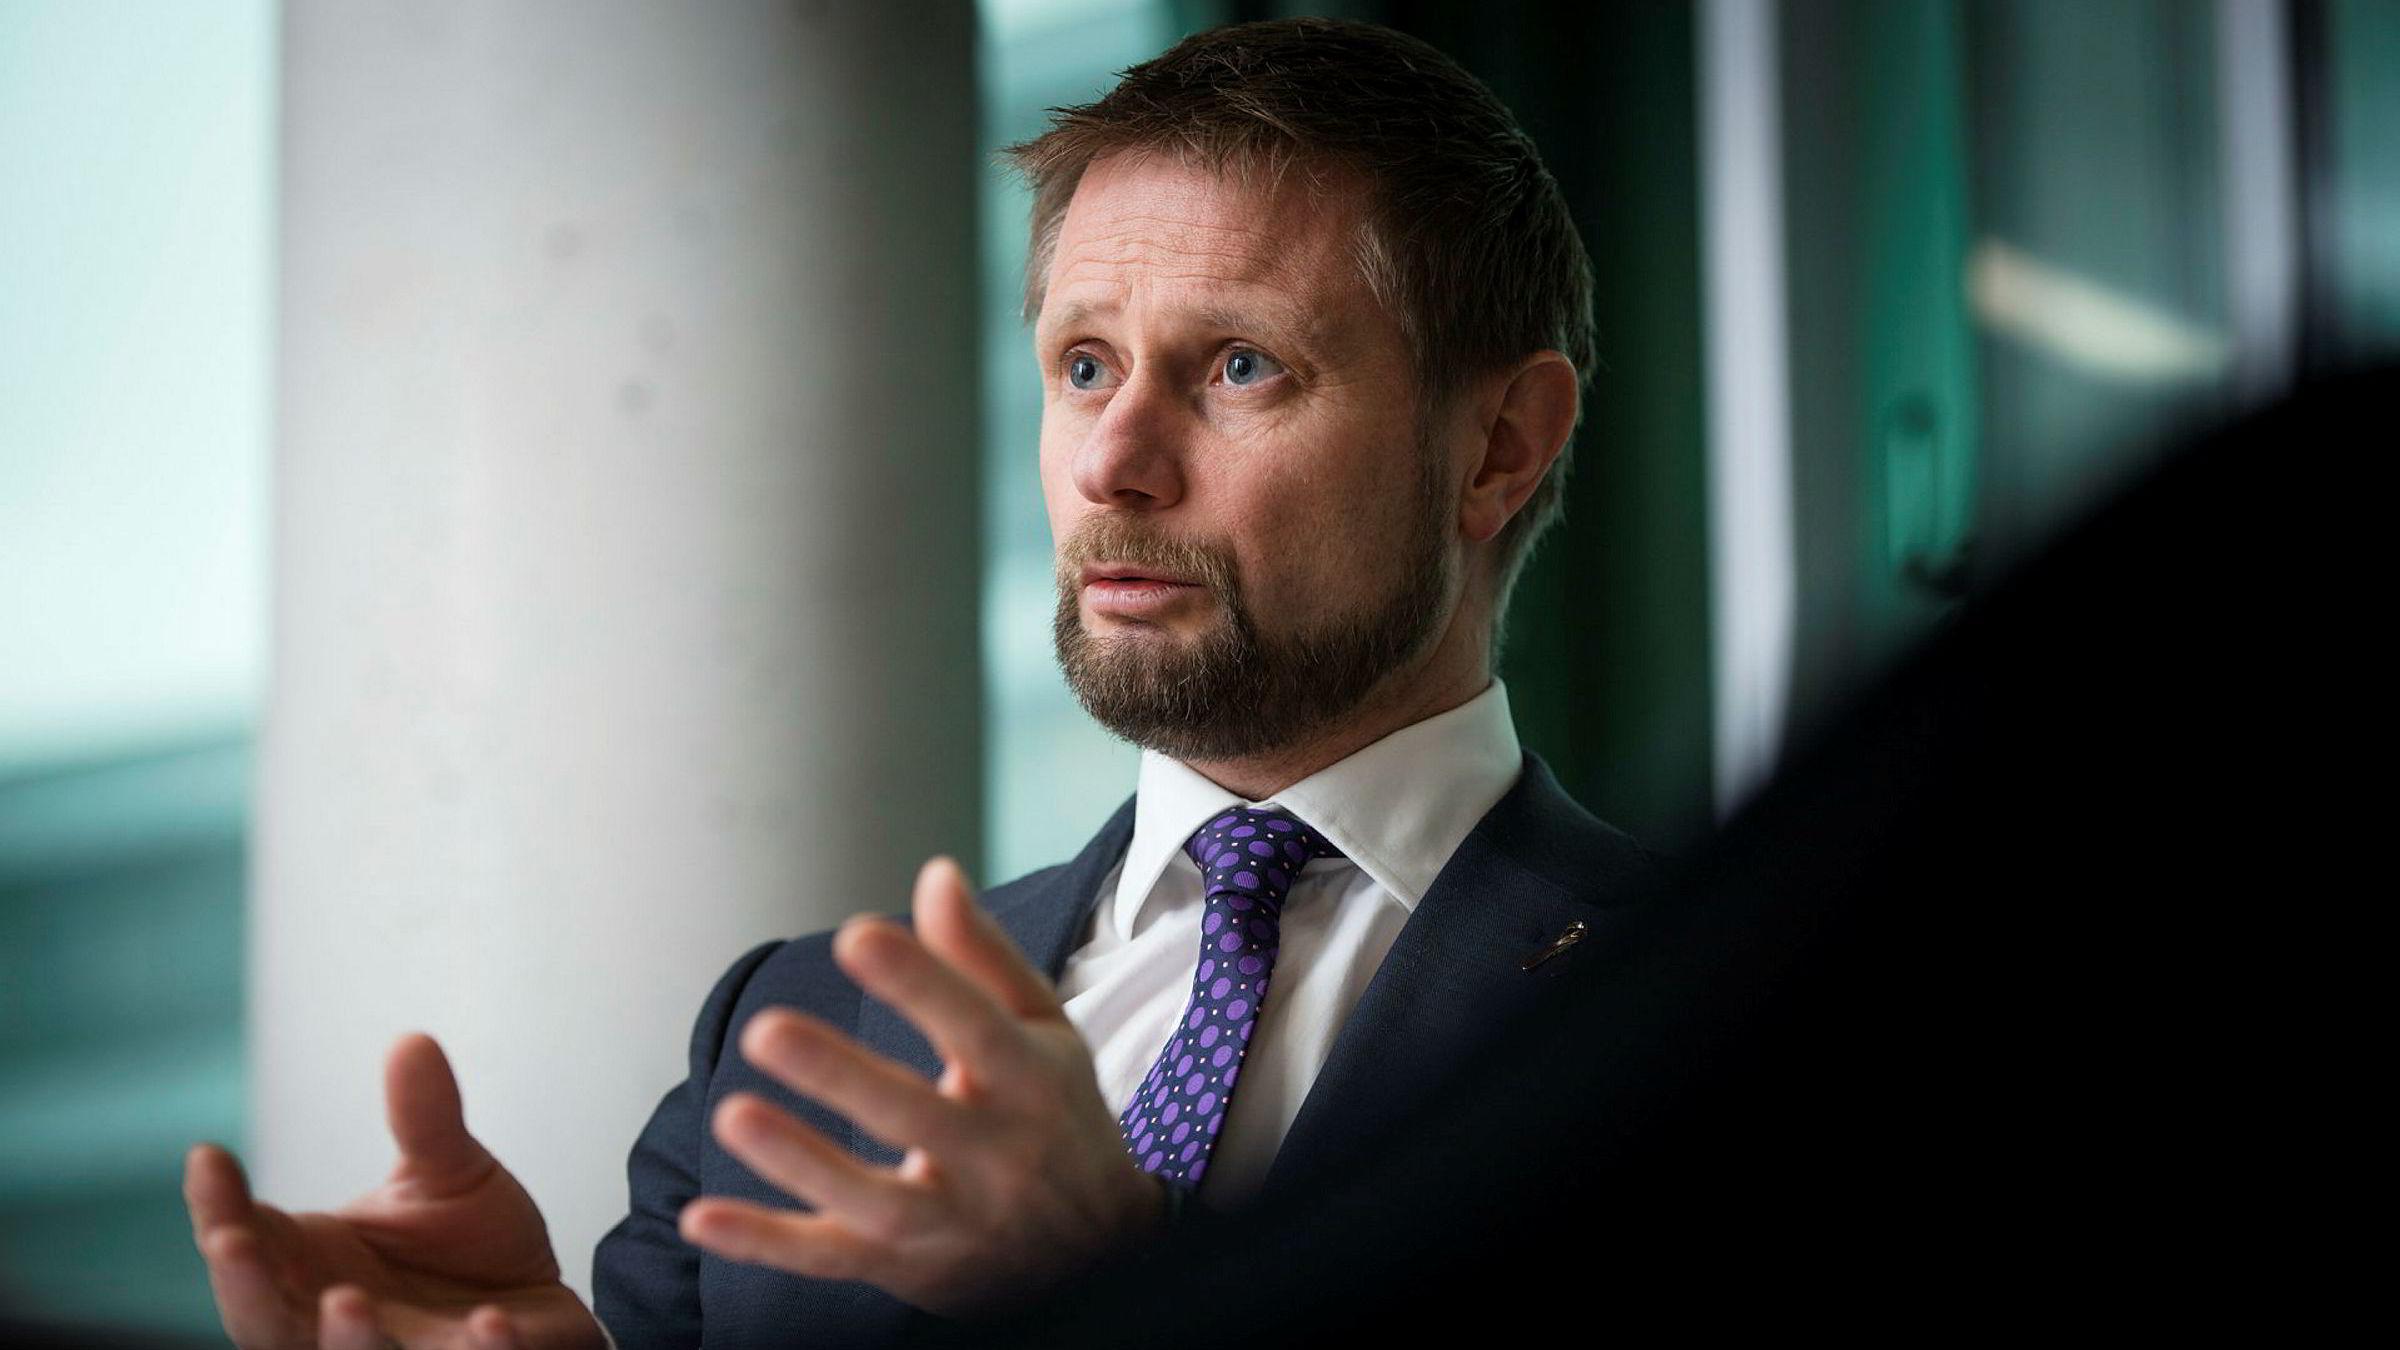 Helse- og omsorgsminister Bent Høie (H) mener det er stadig viktigere å vri oppmerksomheten mot dyrehold og matproduksjon.